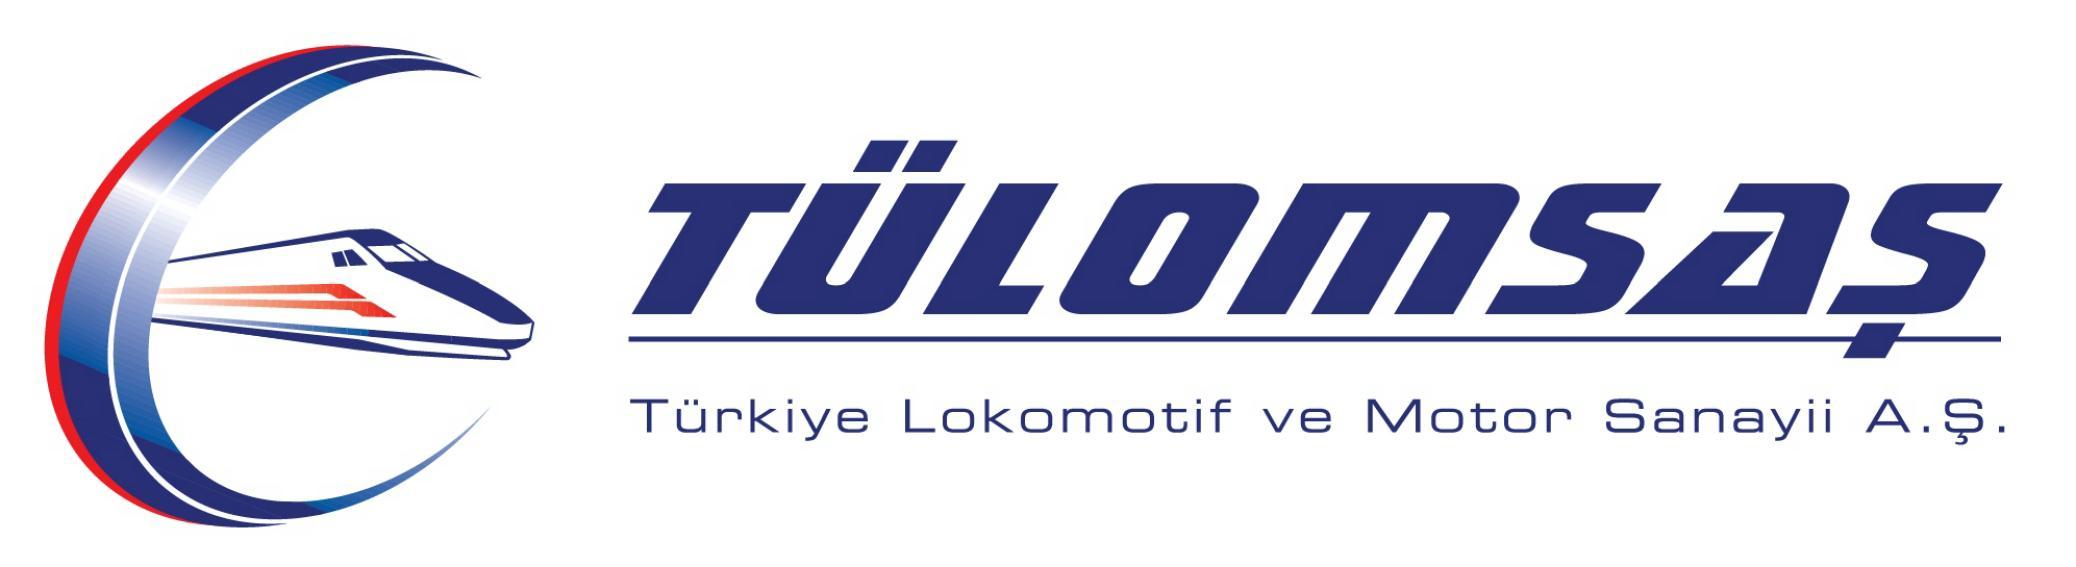 Tülomsaş   Türkiye Lokomotif ve Motor Sanayii A.Ş. Logo png